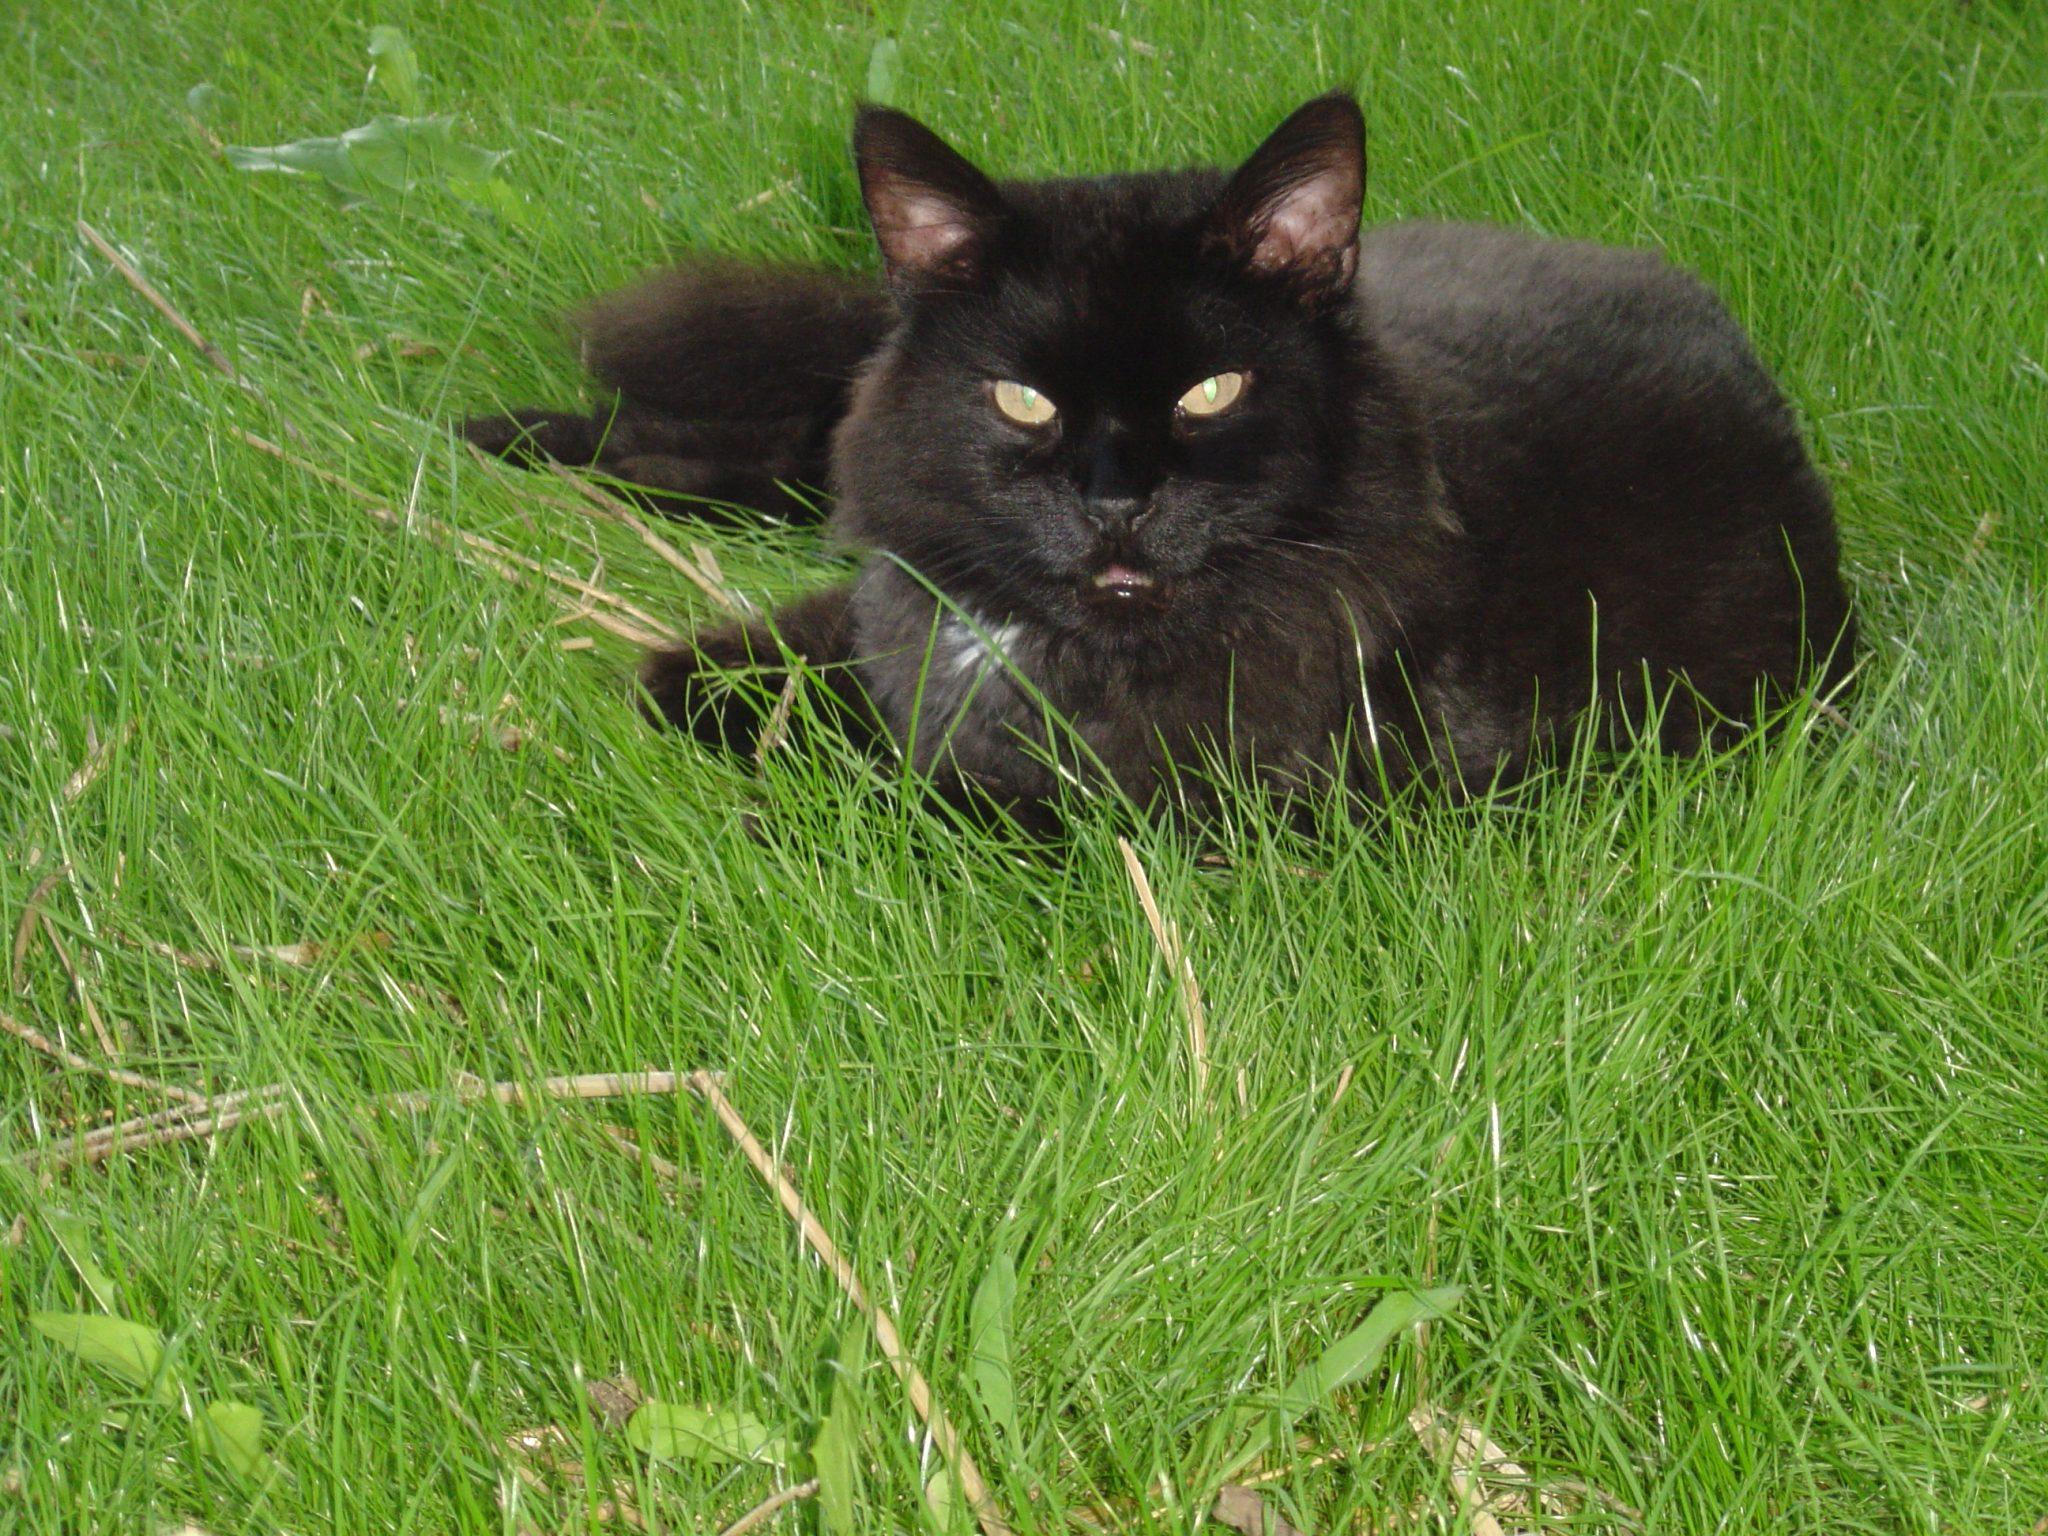 Tammany a.k.a. Putter Cat